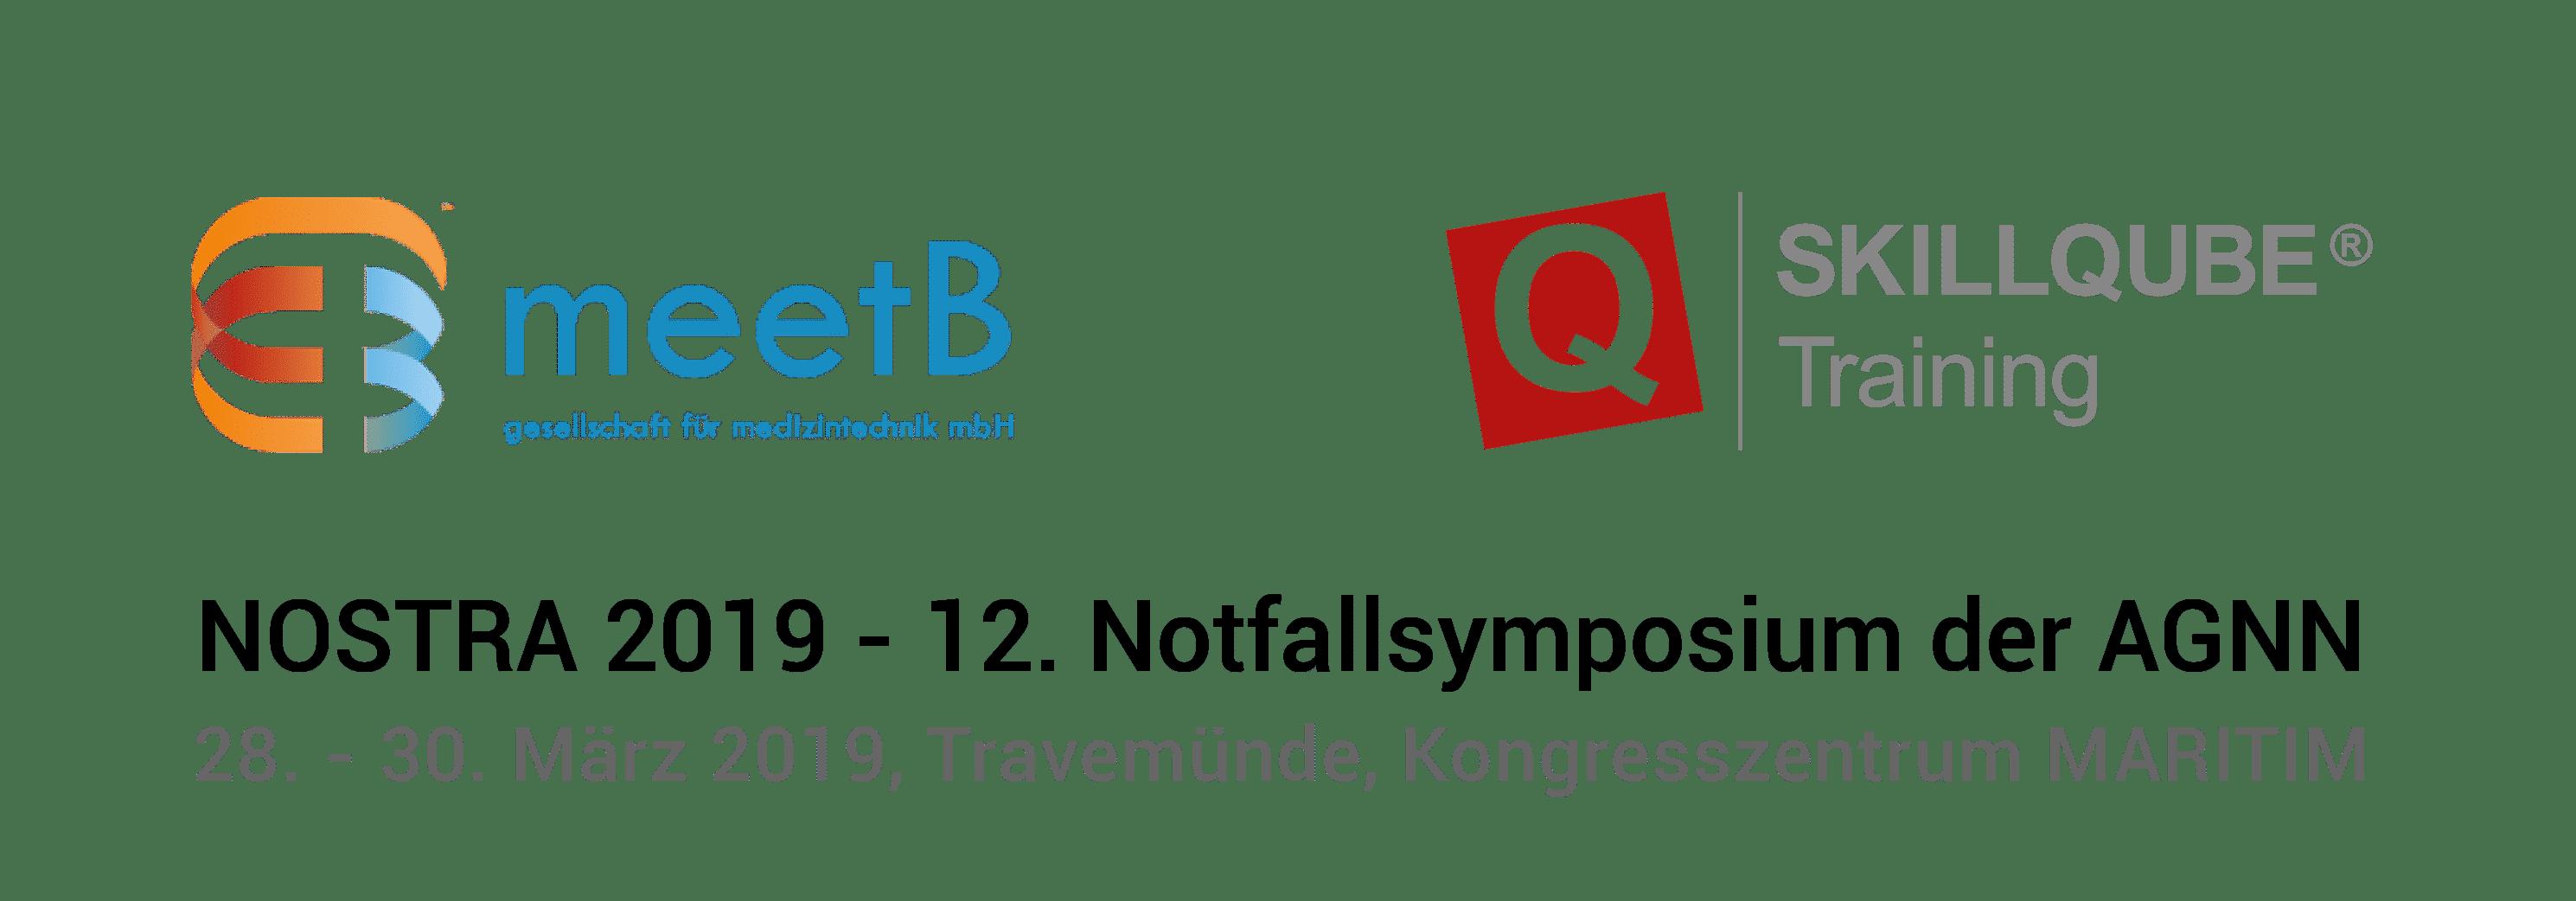 SKILLQUBE auf der NOSTRA 2019 in Lübeck-Travemünde